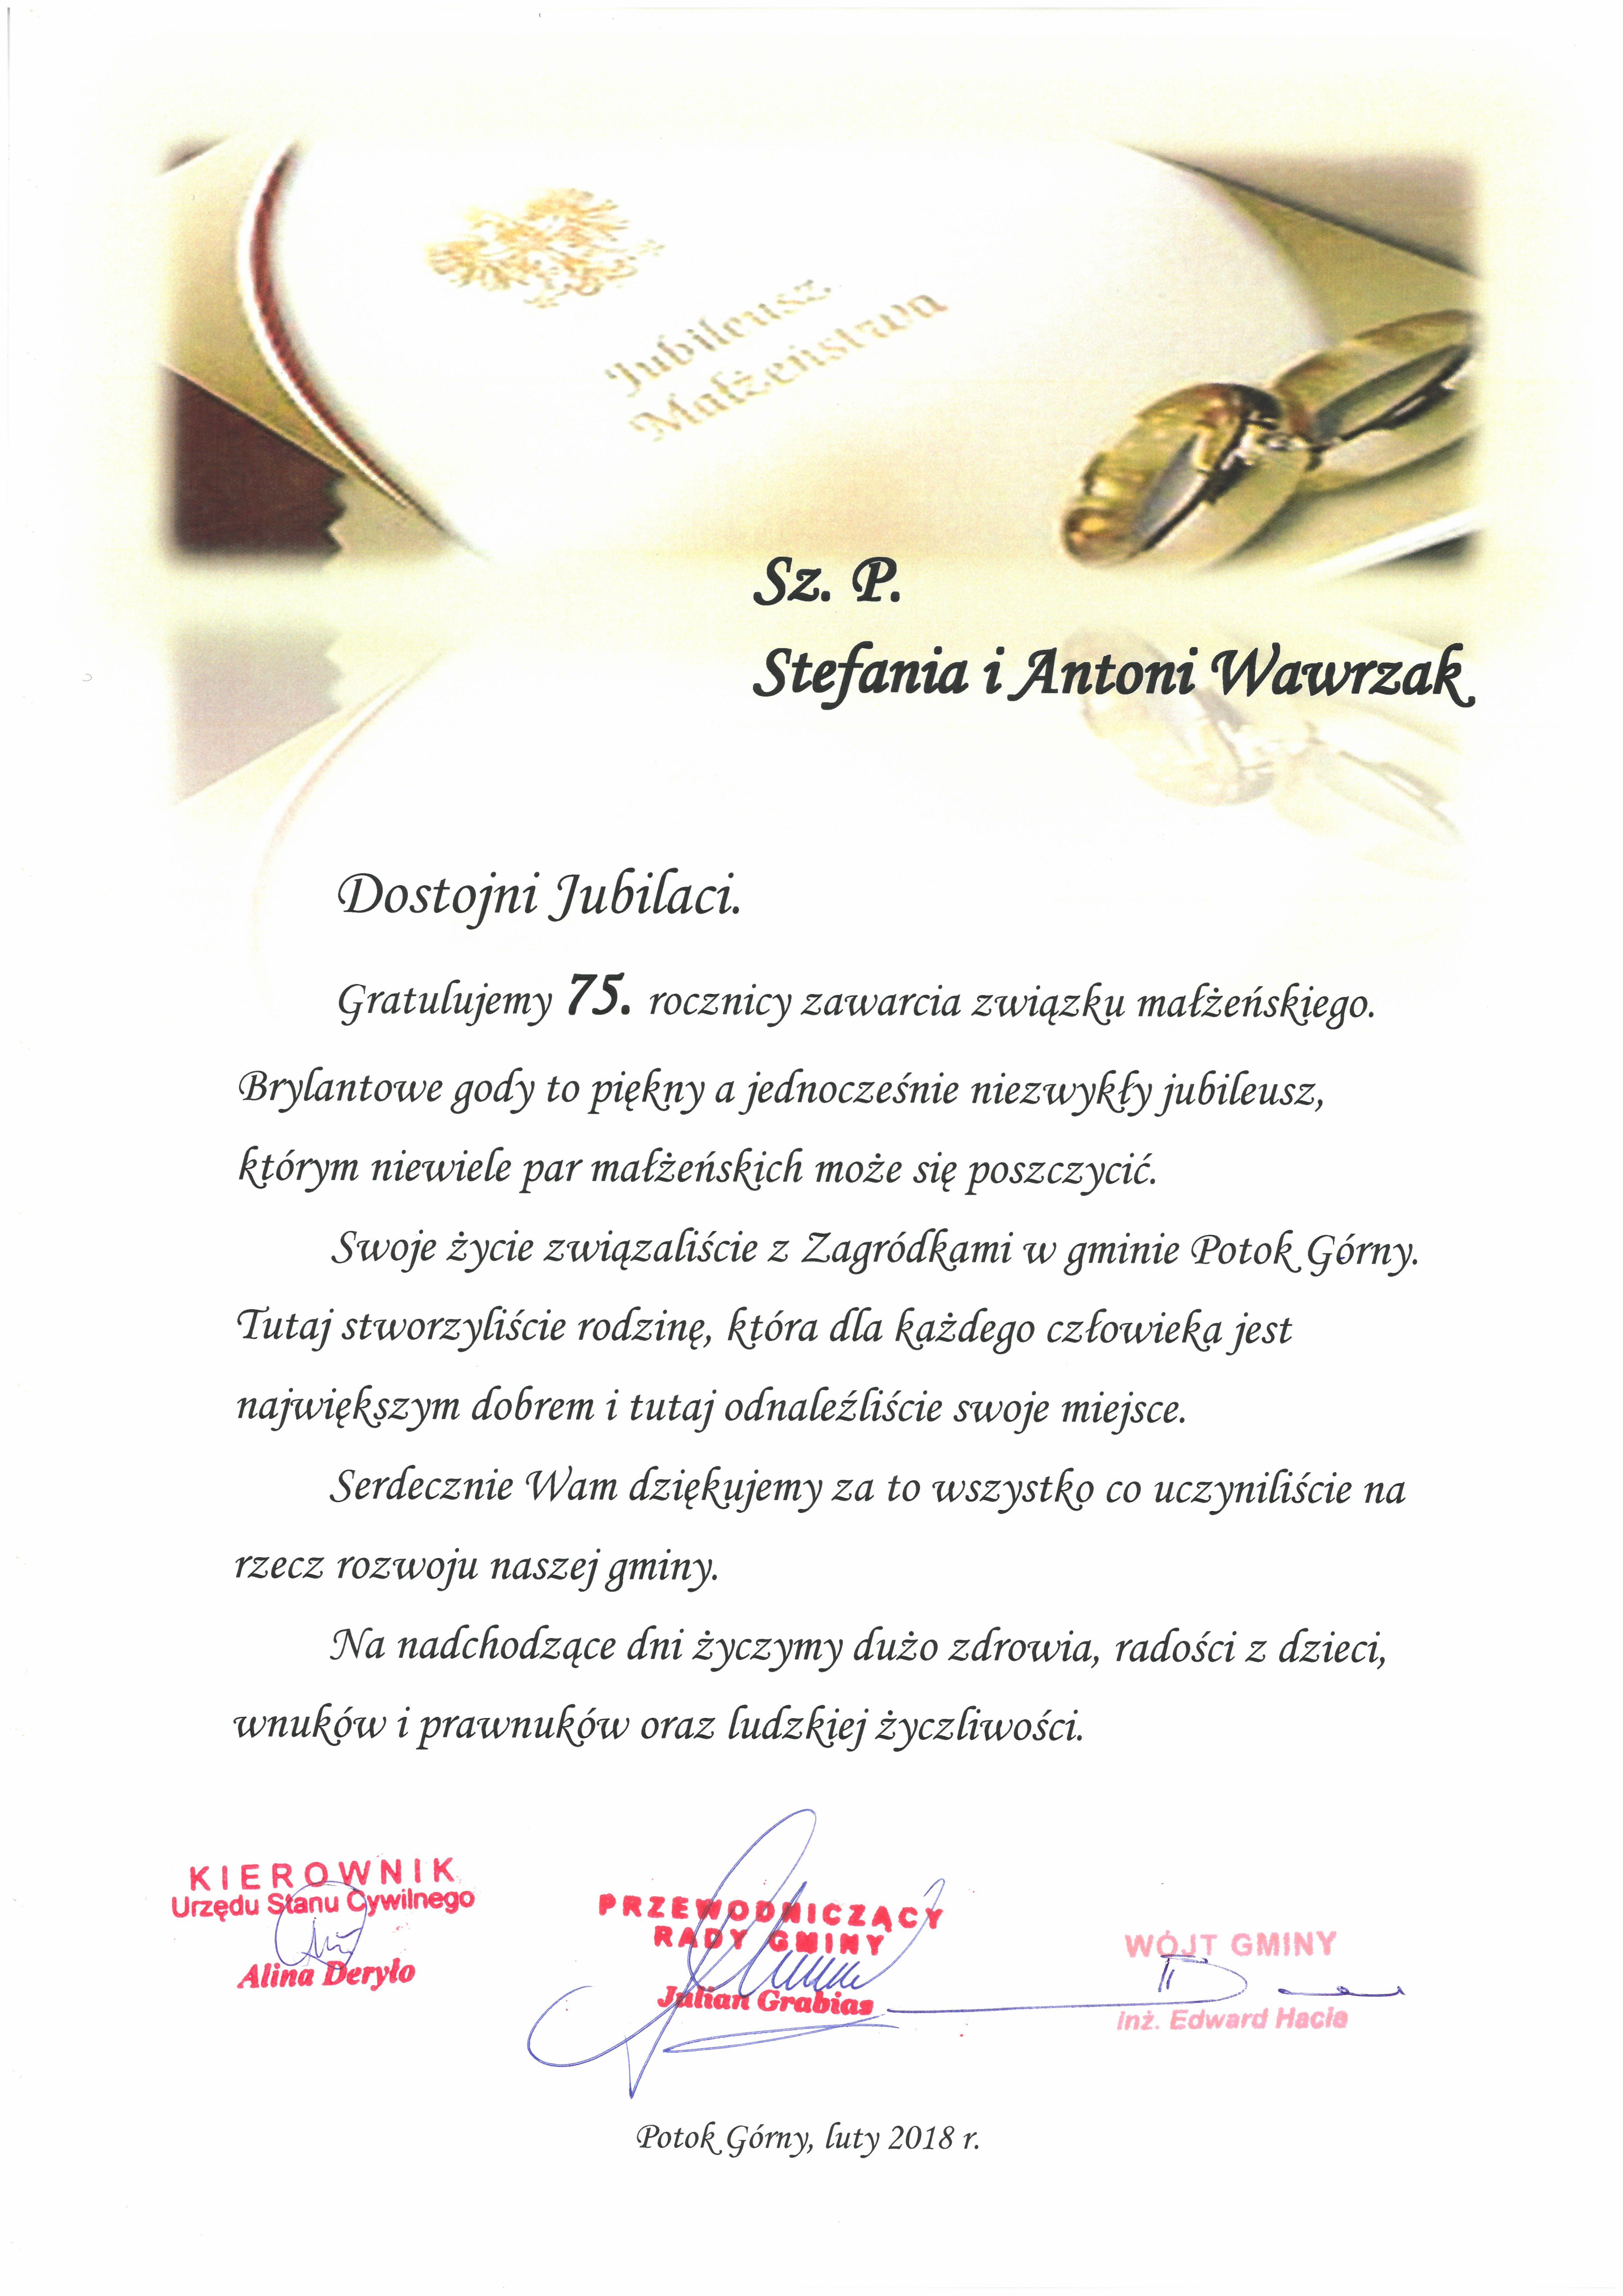 Dyplom Sz. P. Stefania i Antoni Wawrzak, Dostojni Jubilaci. Gratulujemy 75. rocznicy zawarcia związku małżeńskiego. Brylantowe gody to piękny a jednocześnie niezwykły jubileusz, którym niewiele par małżeńskich może się poszczycić. Swoje życie związaliście